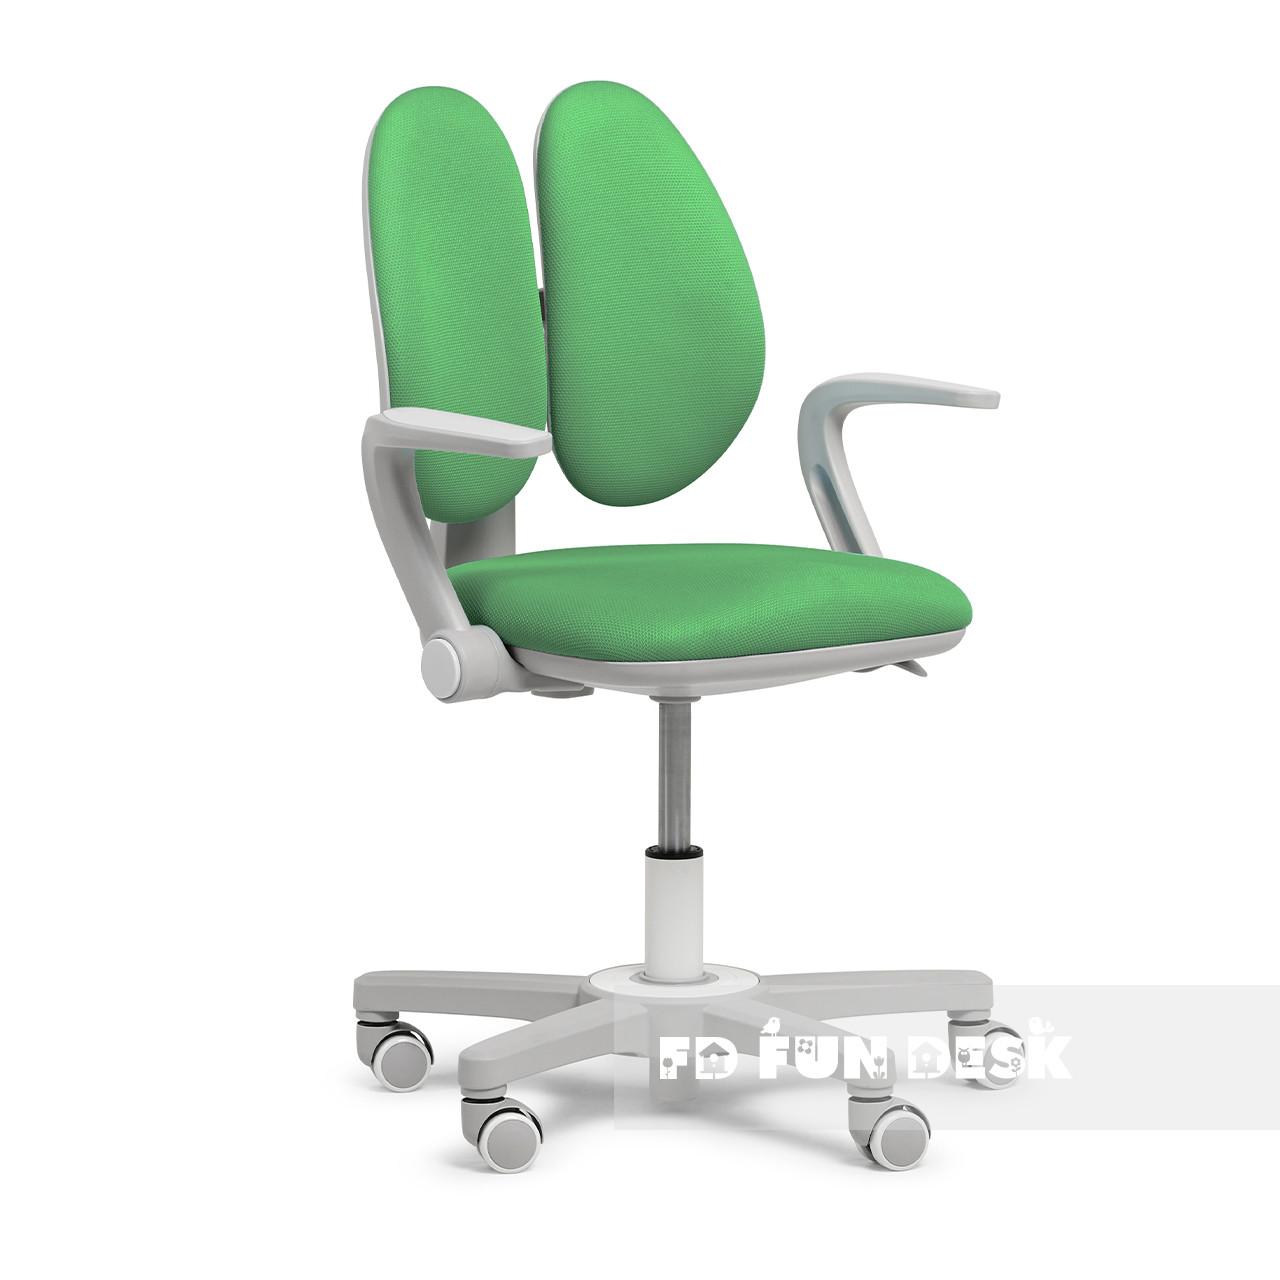 Дитяче ергономічне обертове крісло Fundesk Mente Dark Green з підлокітниками